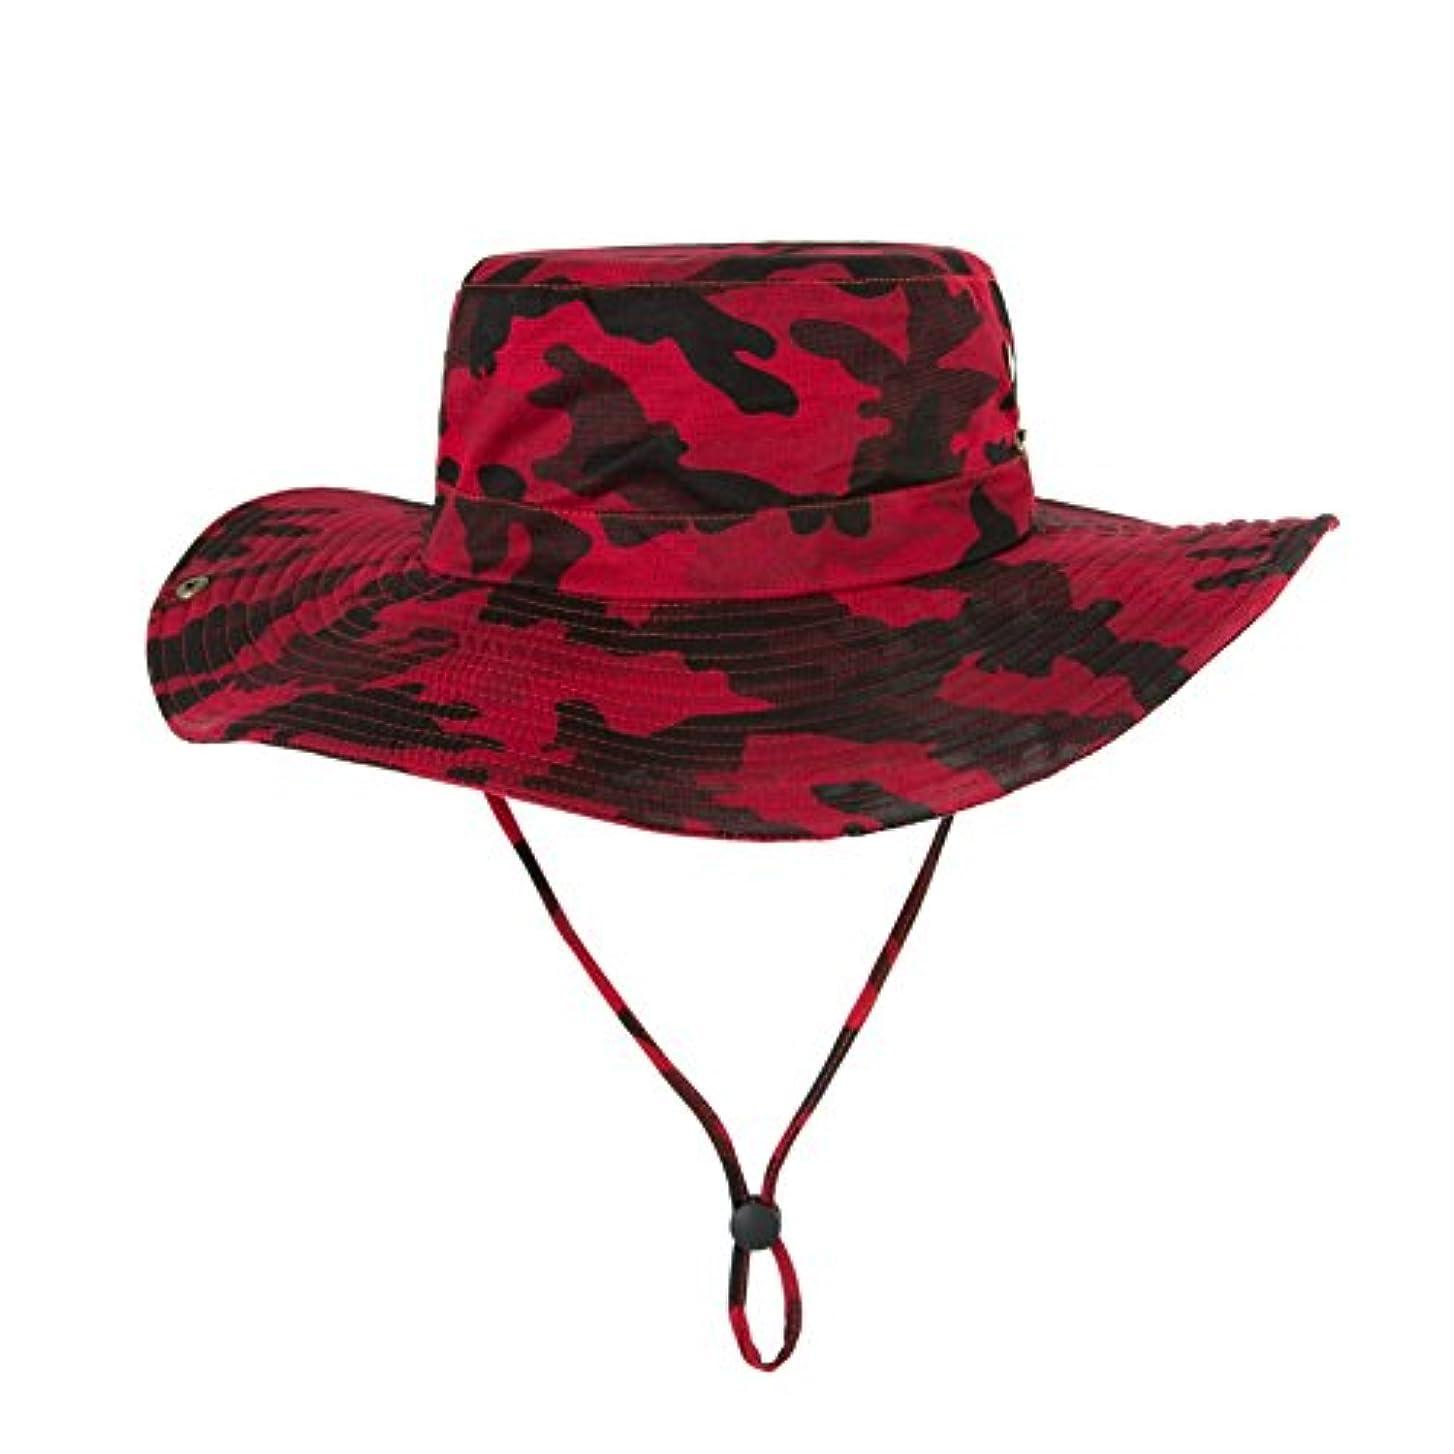 トラフィック取り消す証明する迷彩 帽子 メンズ 夏 ハット つば広い 登山 UV帽子 通気性 サイズ調整可能 2way 日焼け ひも付き 日よけ帽子 釣り アウトドア 男女兼用